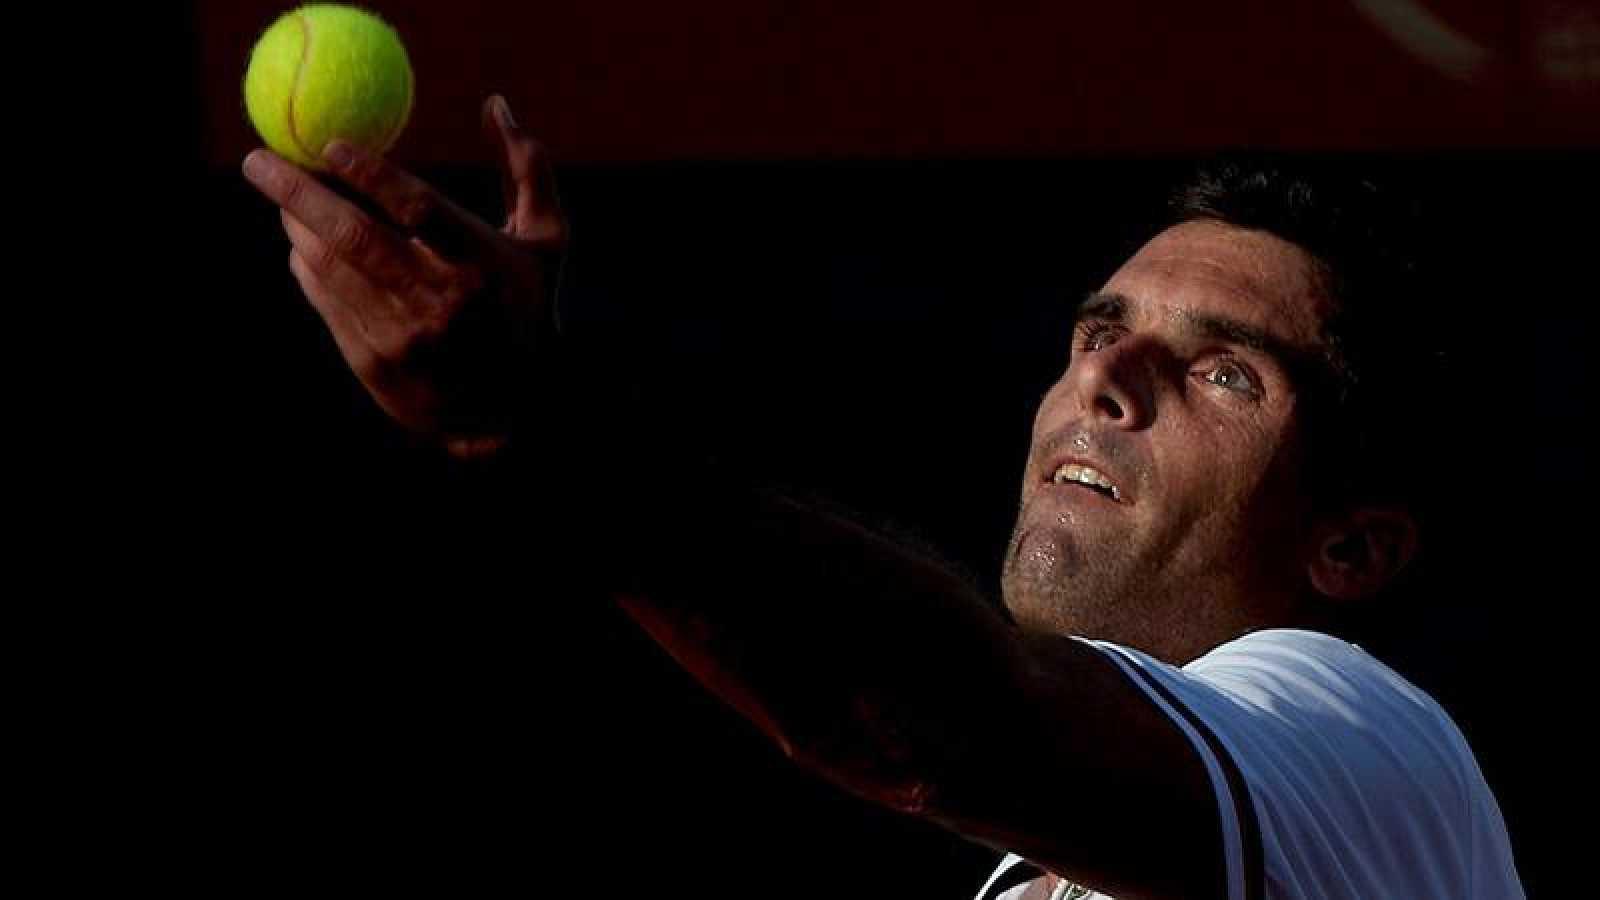 El tenista Pablo Andújar, durante el partido de la Liga Mapfre de tenis ante Pedro Martínez disputado este sábado en el CMT Vall d'Hebron.